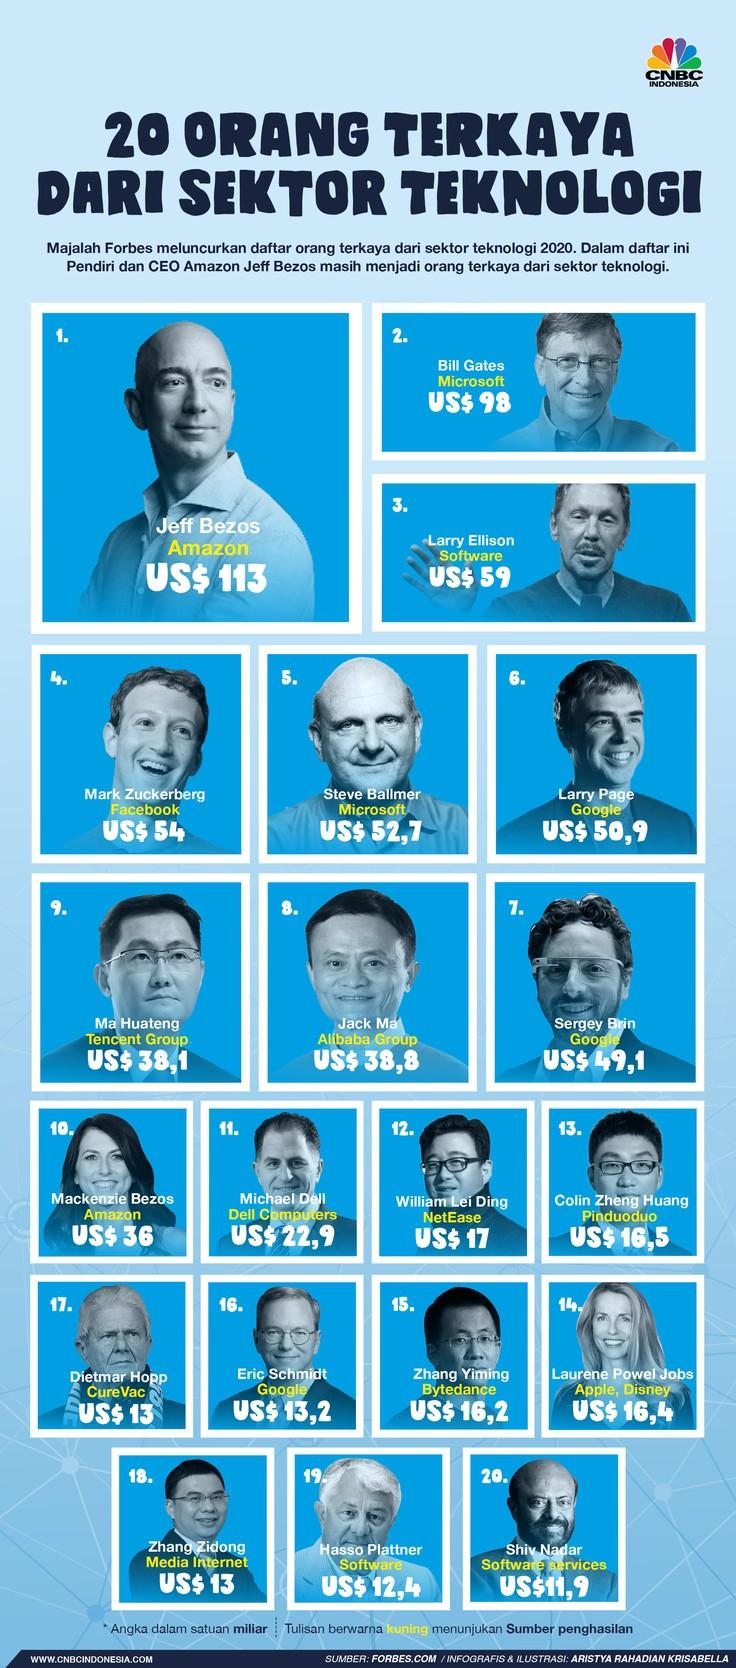 Majalah Forbes meluncurkan daftar orang terkaya dari sektor teknologi 2020. Dalam daftar ini Jeff Bezos masih menjadi orang terkaya dari sektor teknologi.